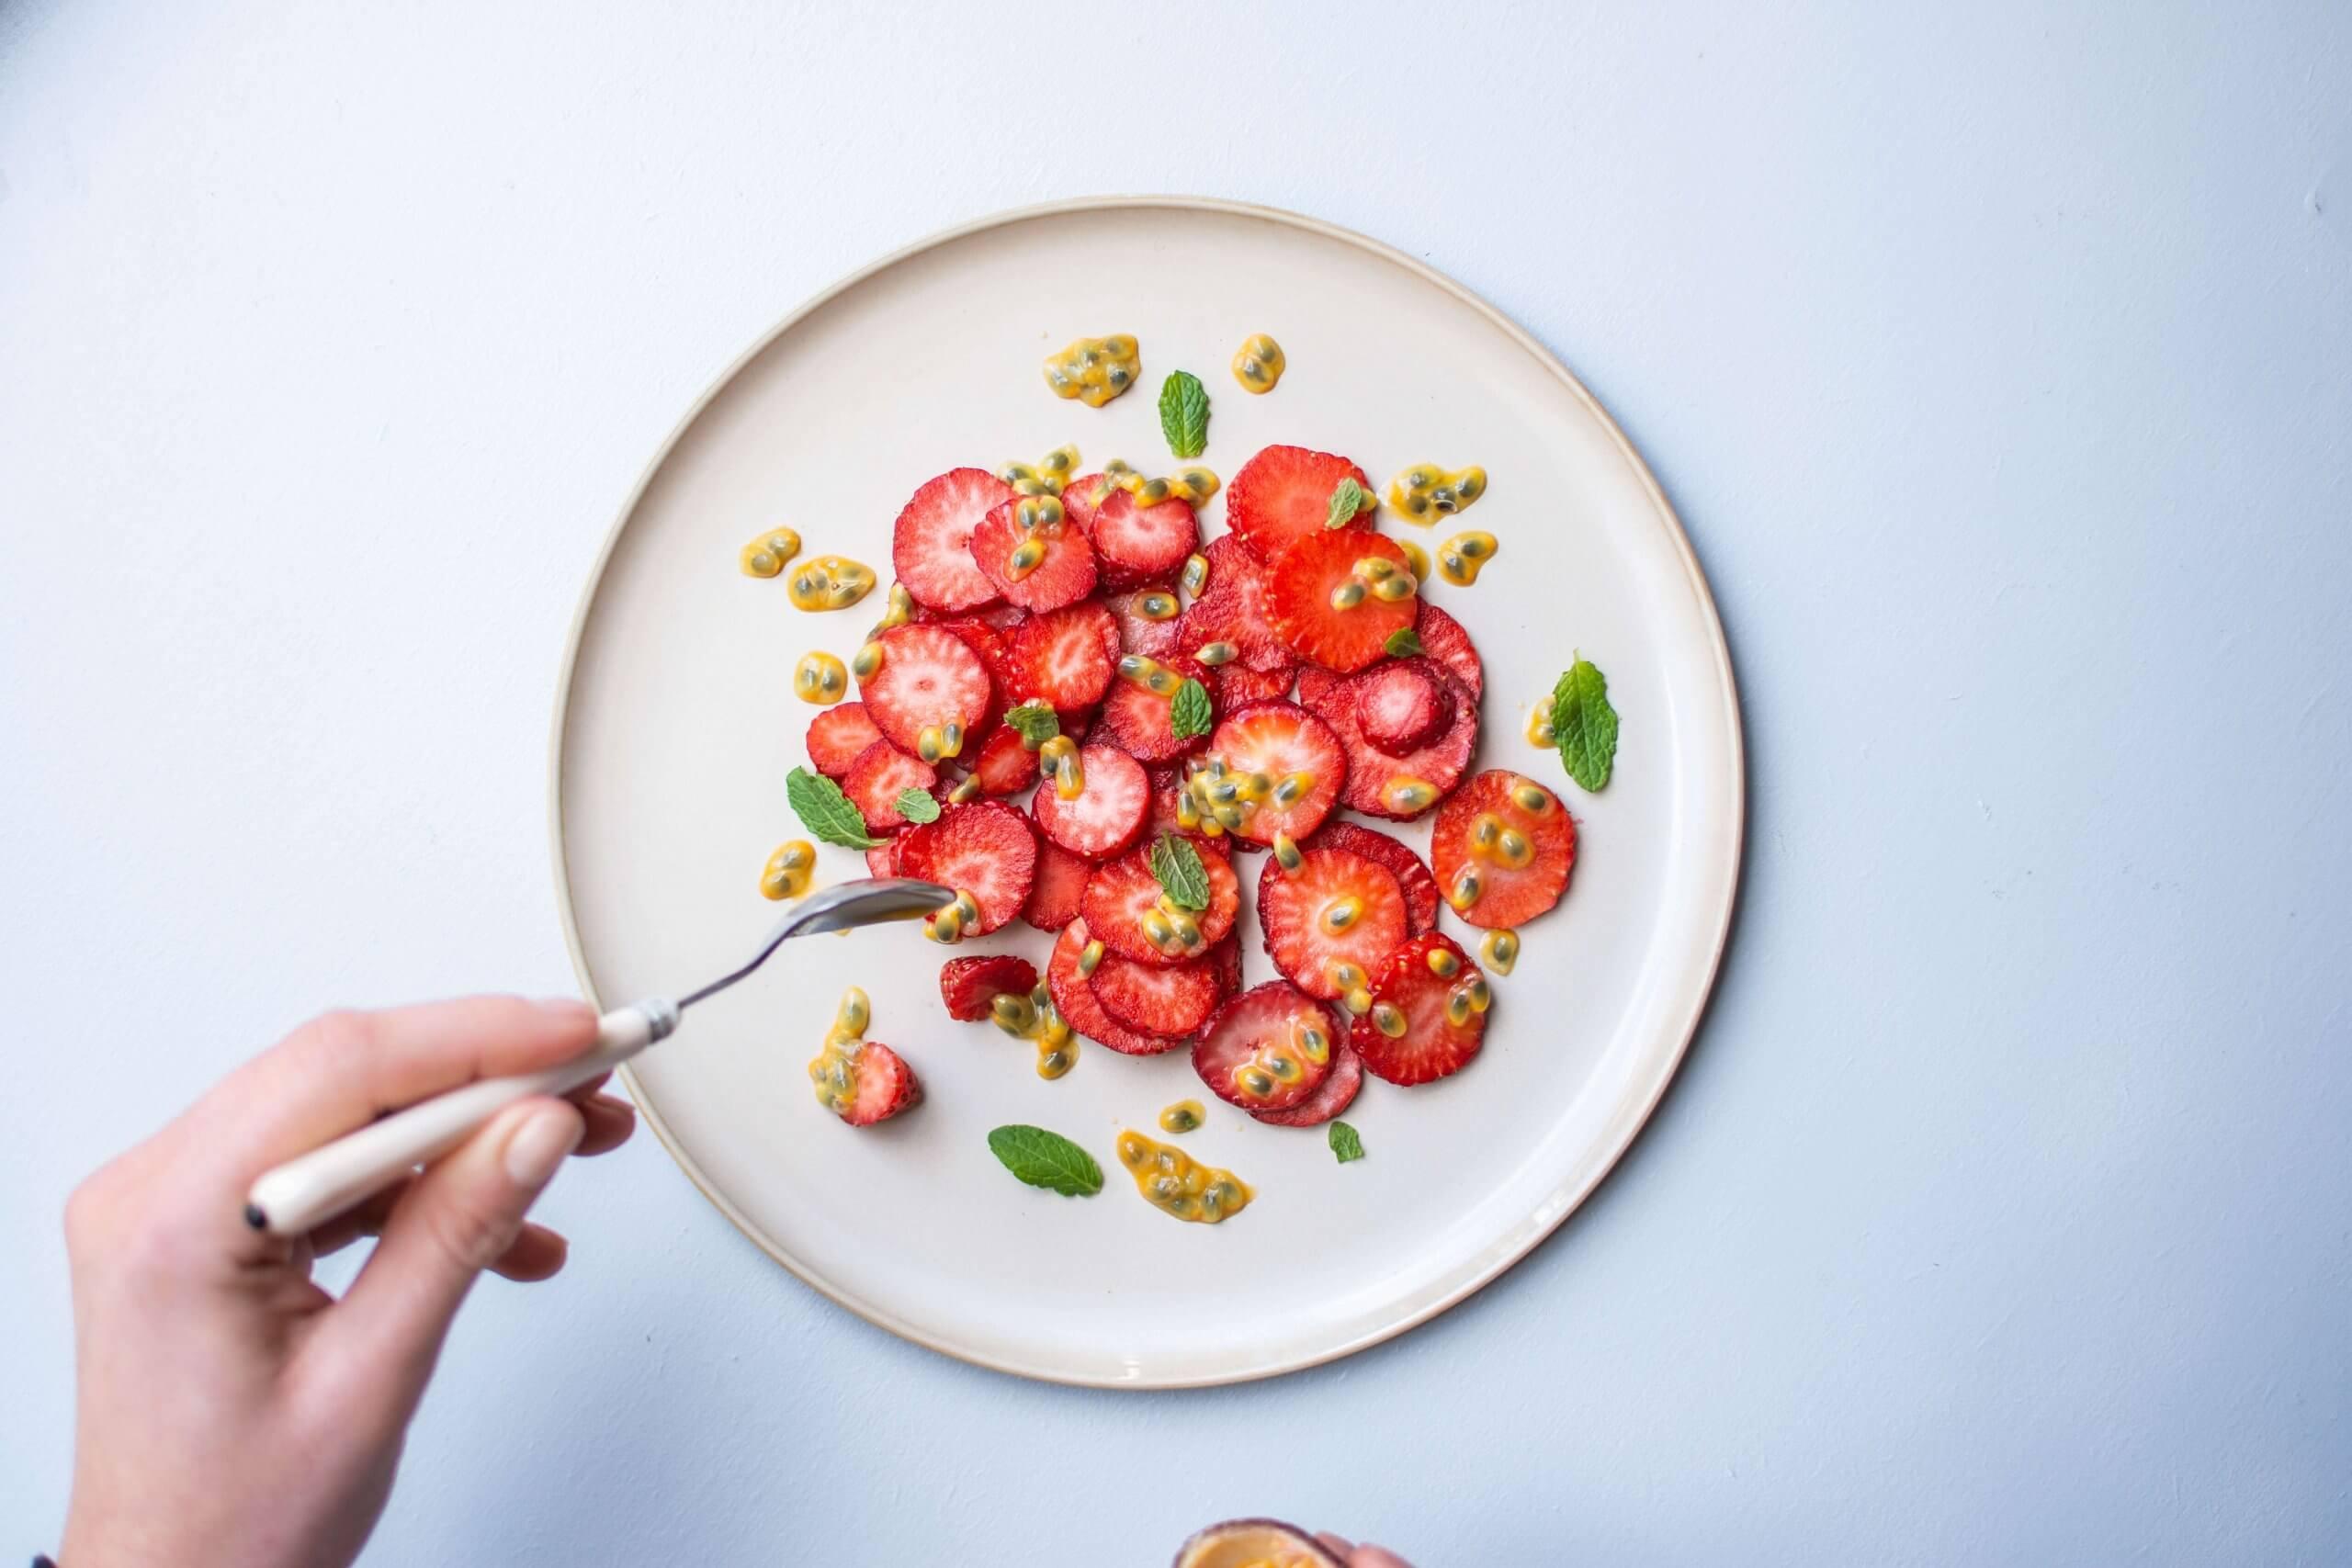 Passievruchtgenot met verse aardbeien